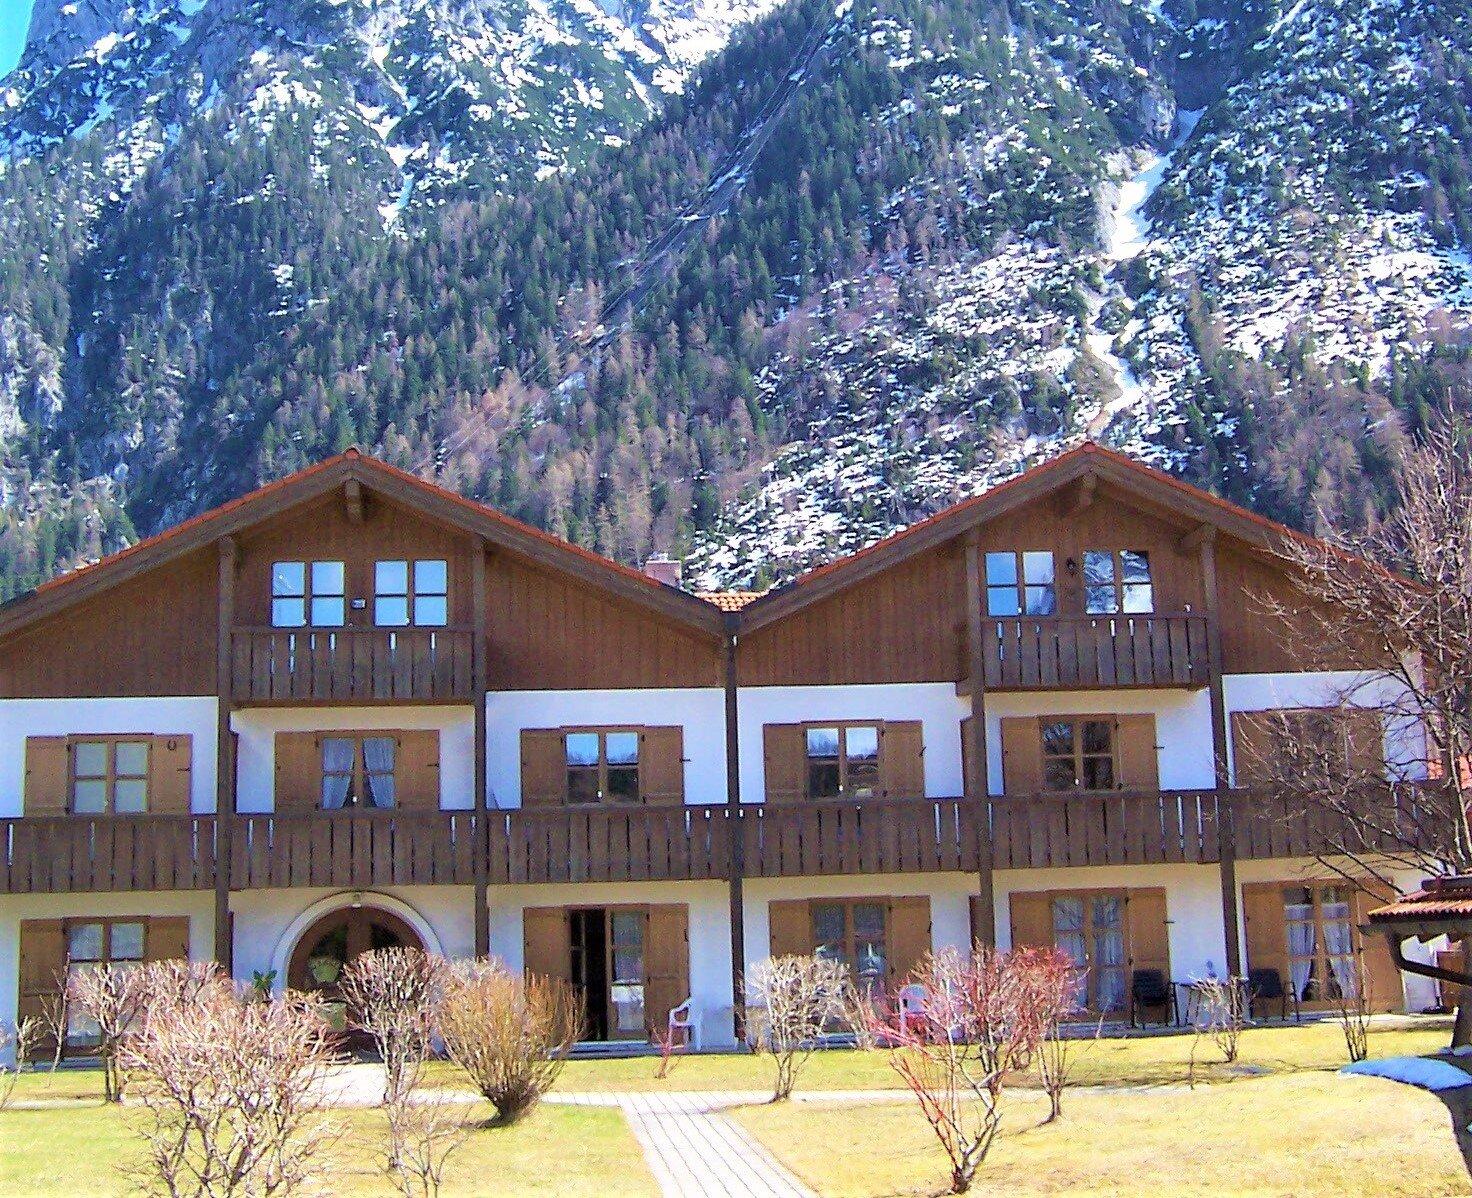 Ferienwohnung Klingshirn Kresenzerhof